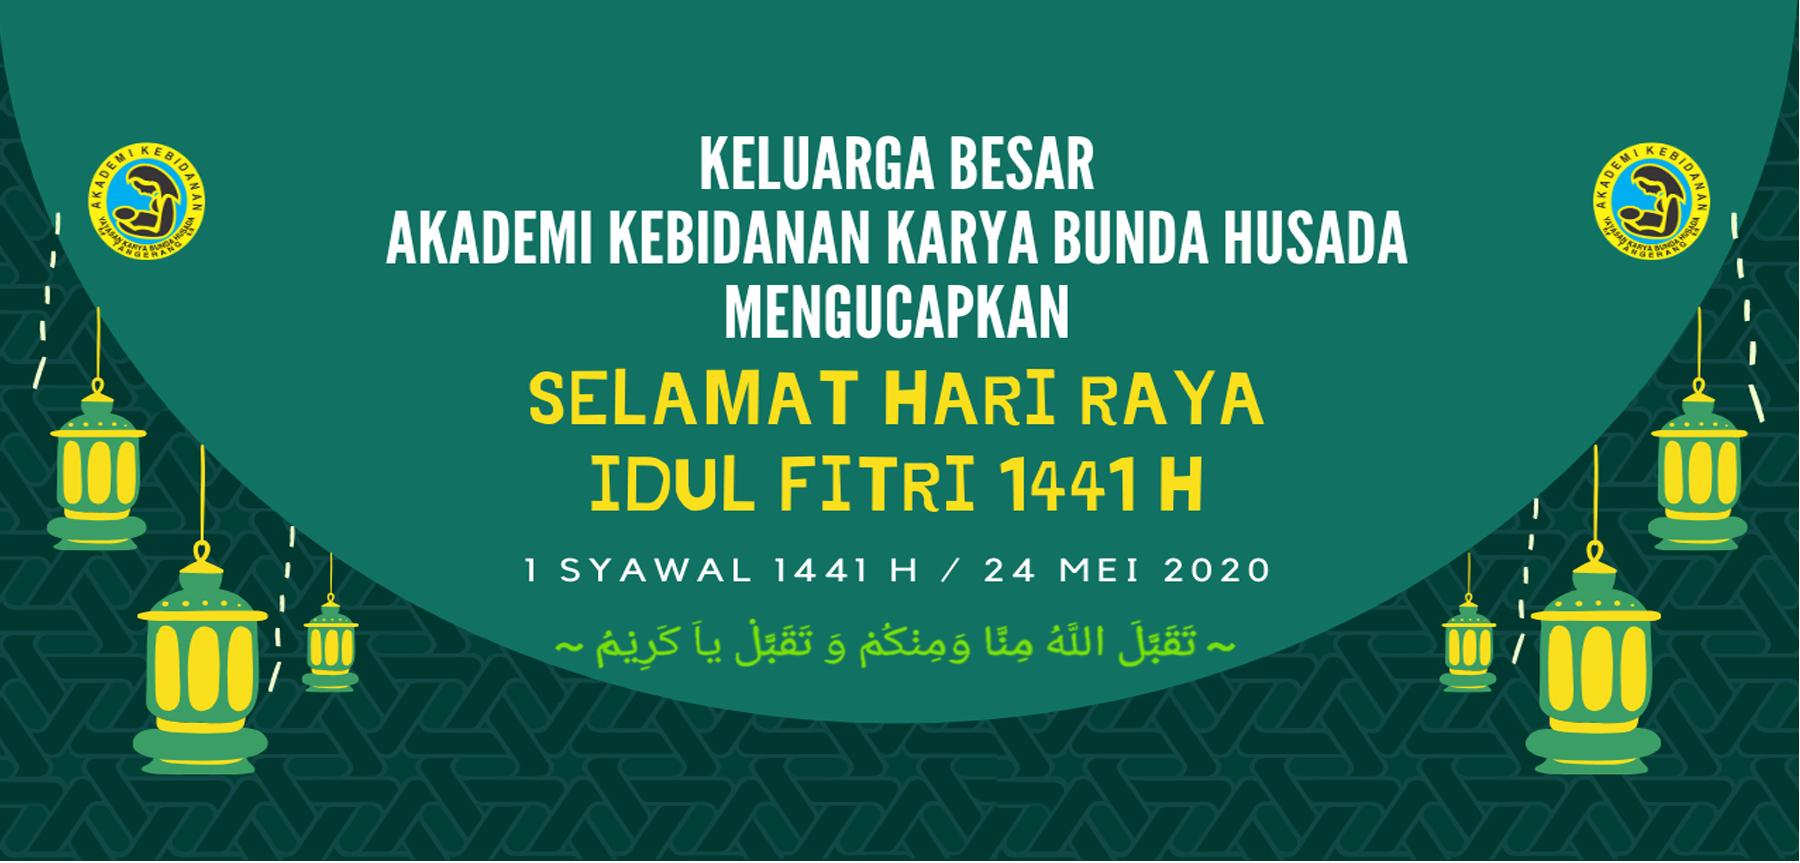 ASelamat Hari Raya Idul Fitri 1441 H